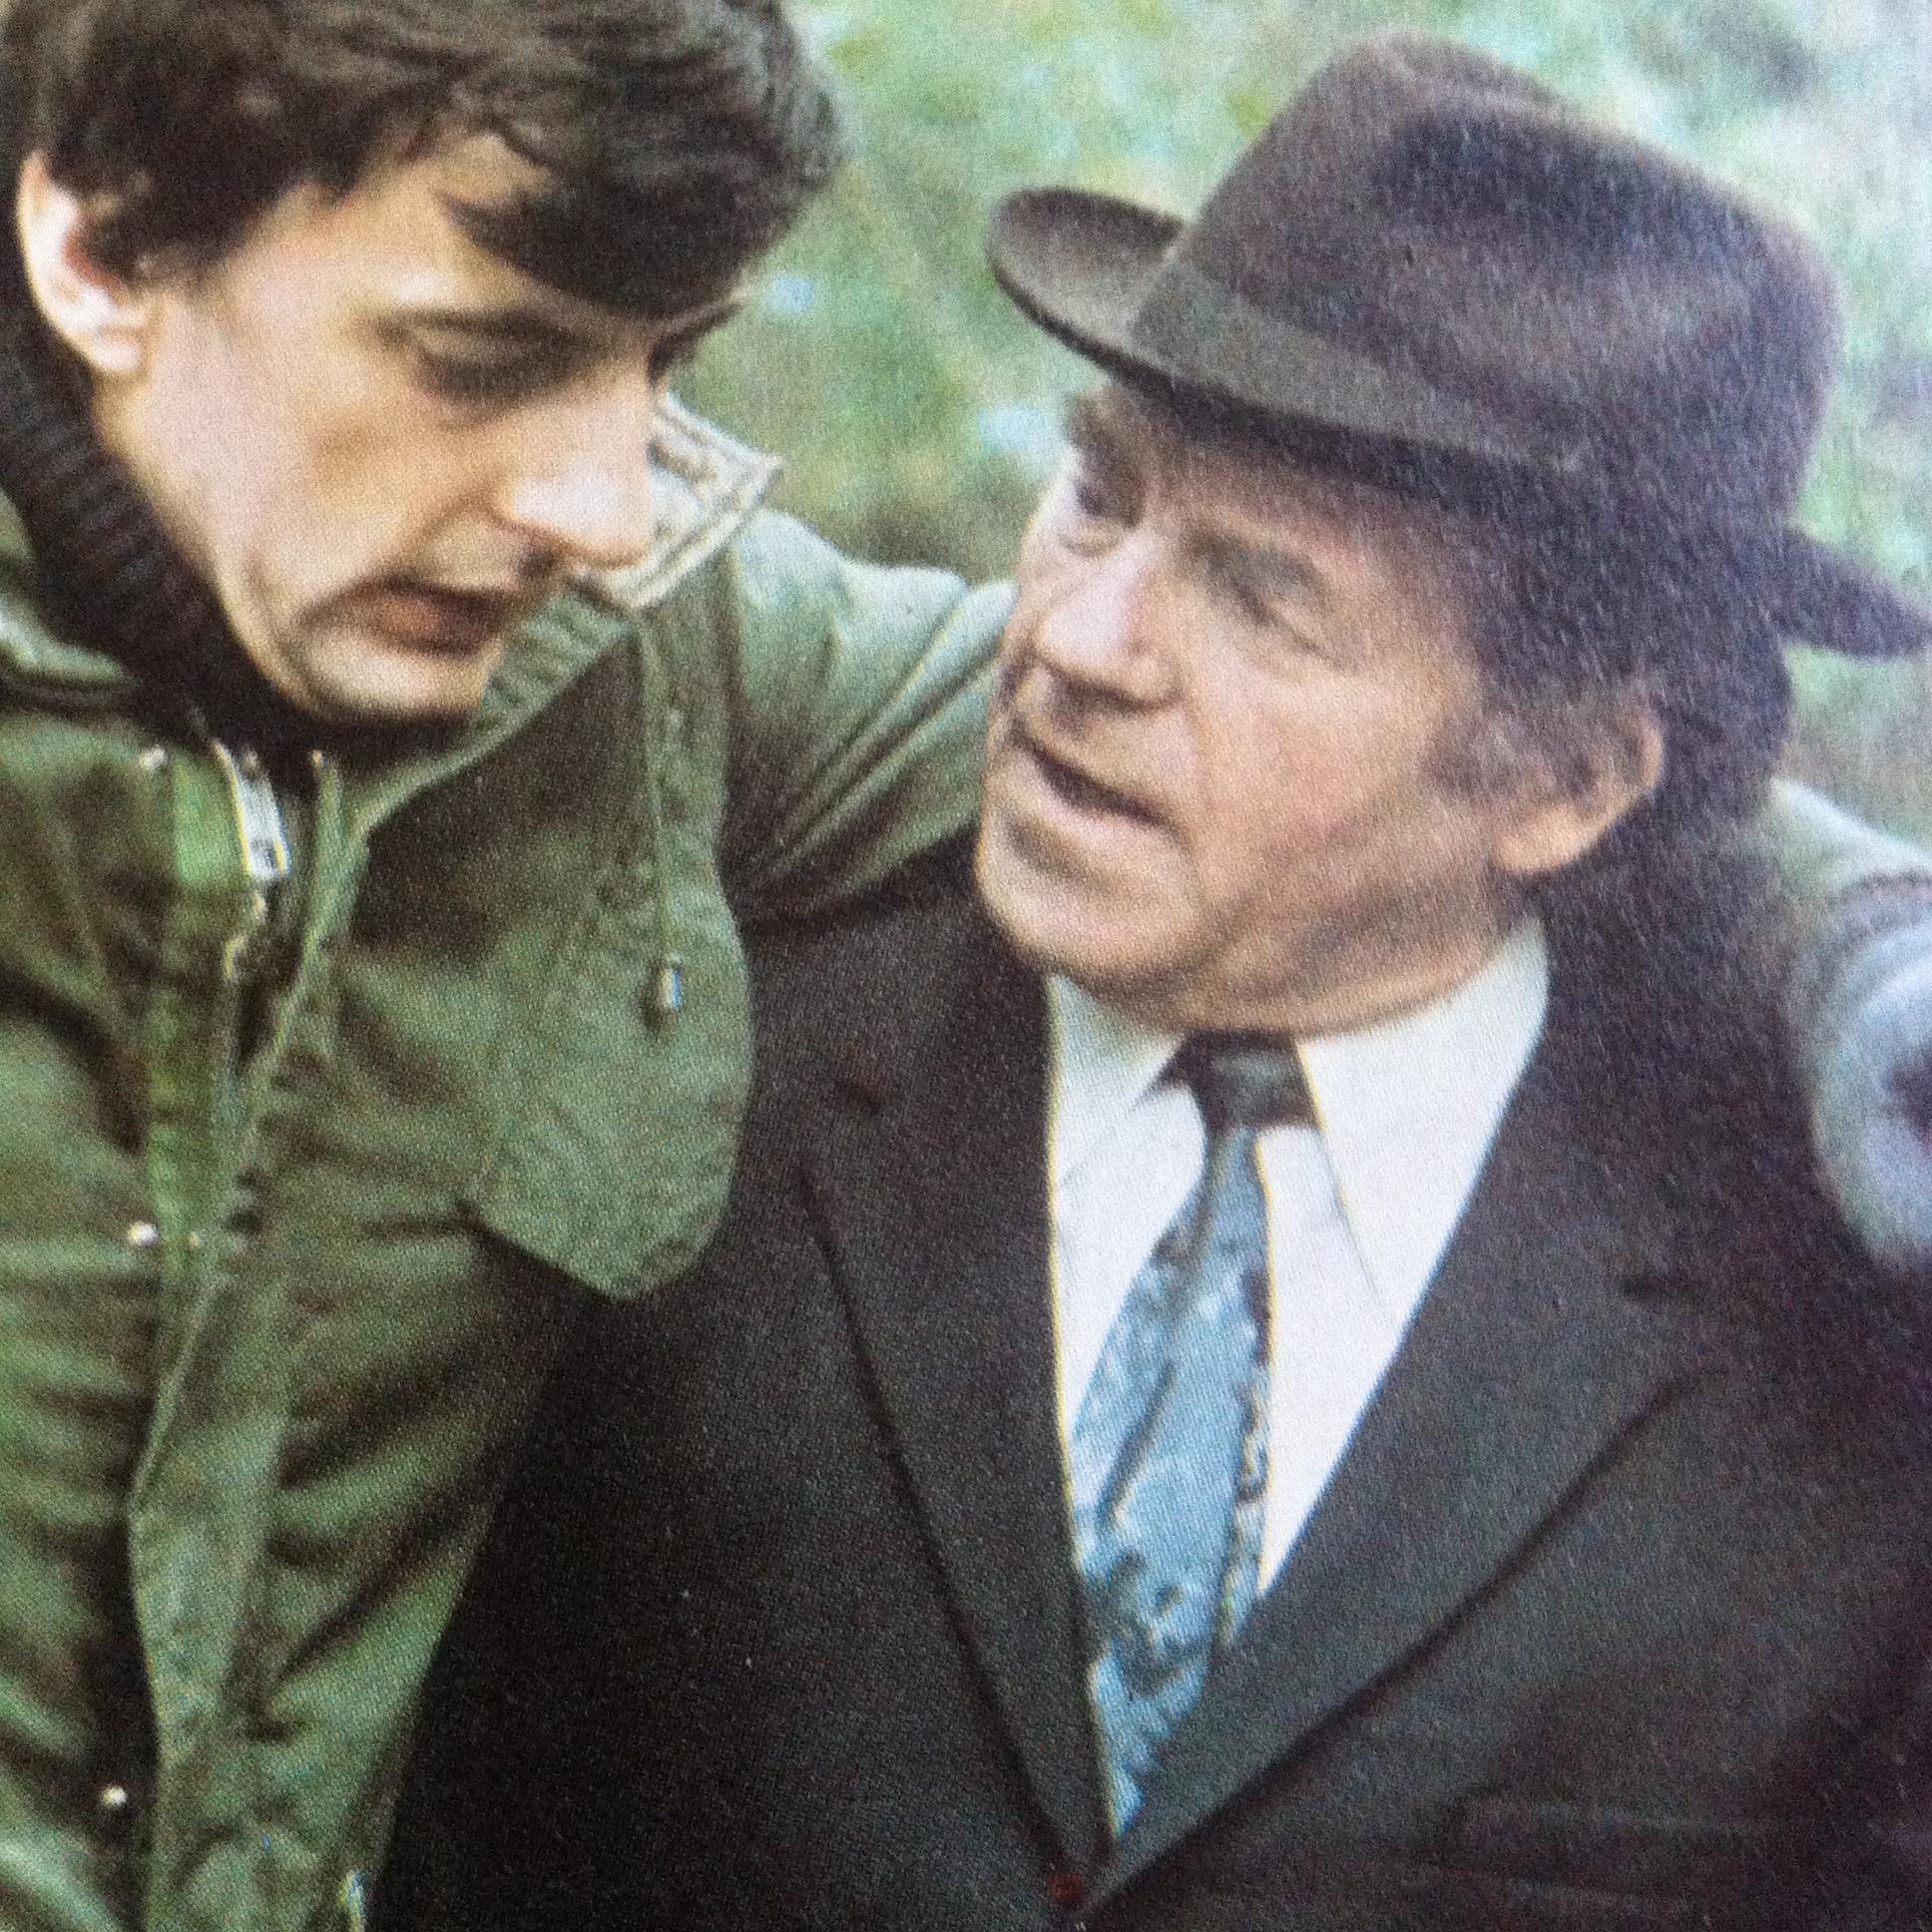 Joe Belcher and Jack Shepherd in Ready When You Are, Mr. McGill (1976)